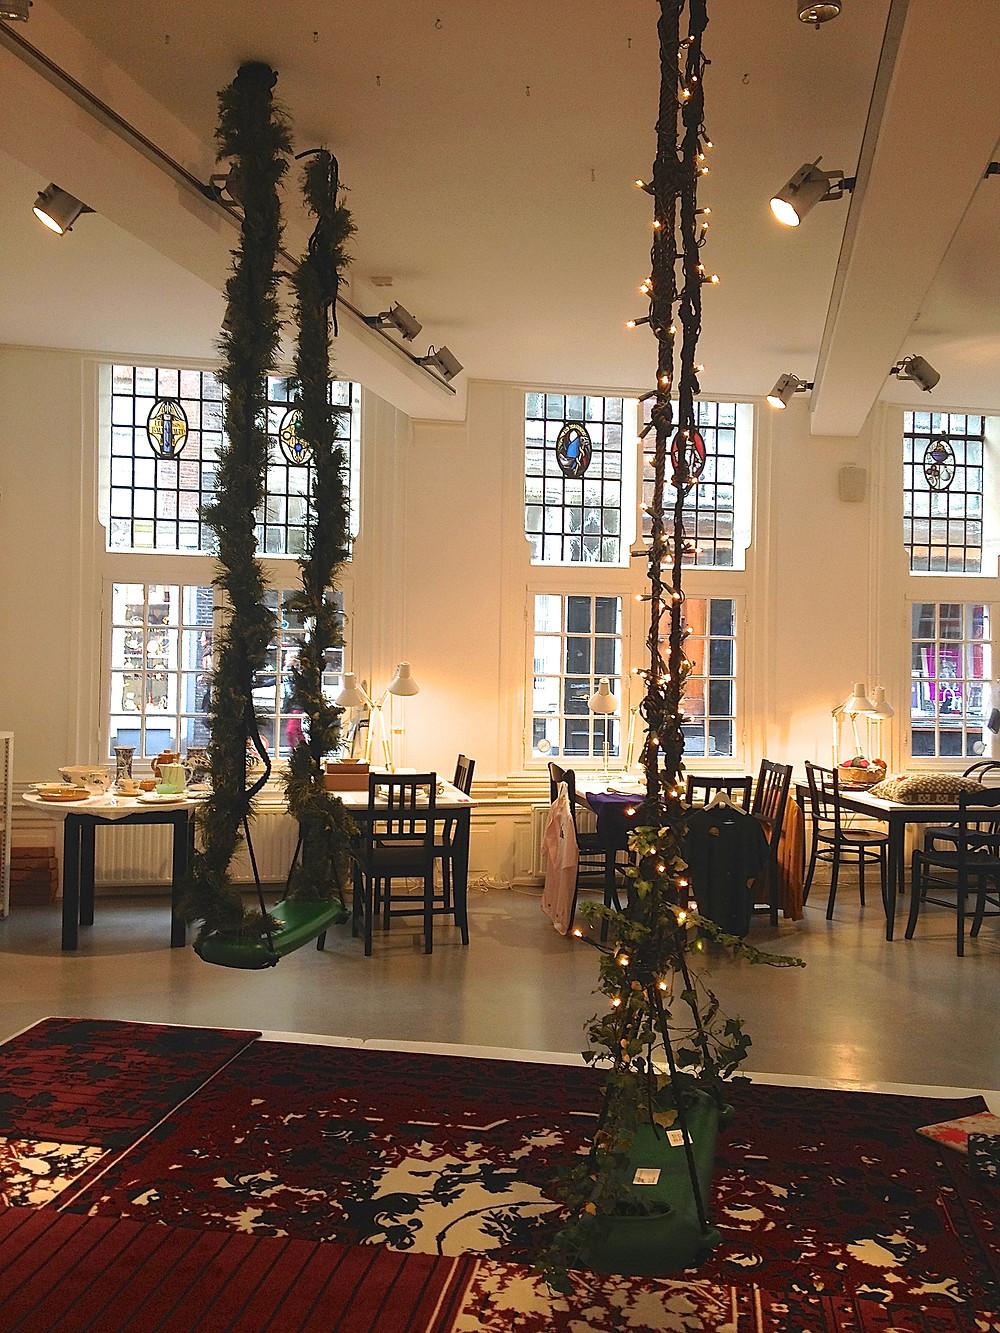 Droog Amsterdam decorexpat Decoration Interieur Expatrié Paris France